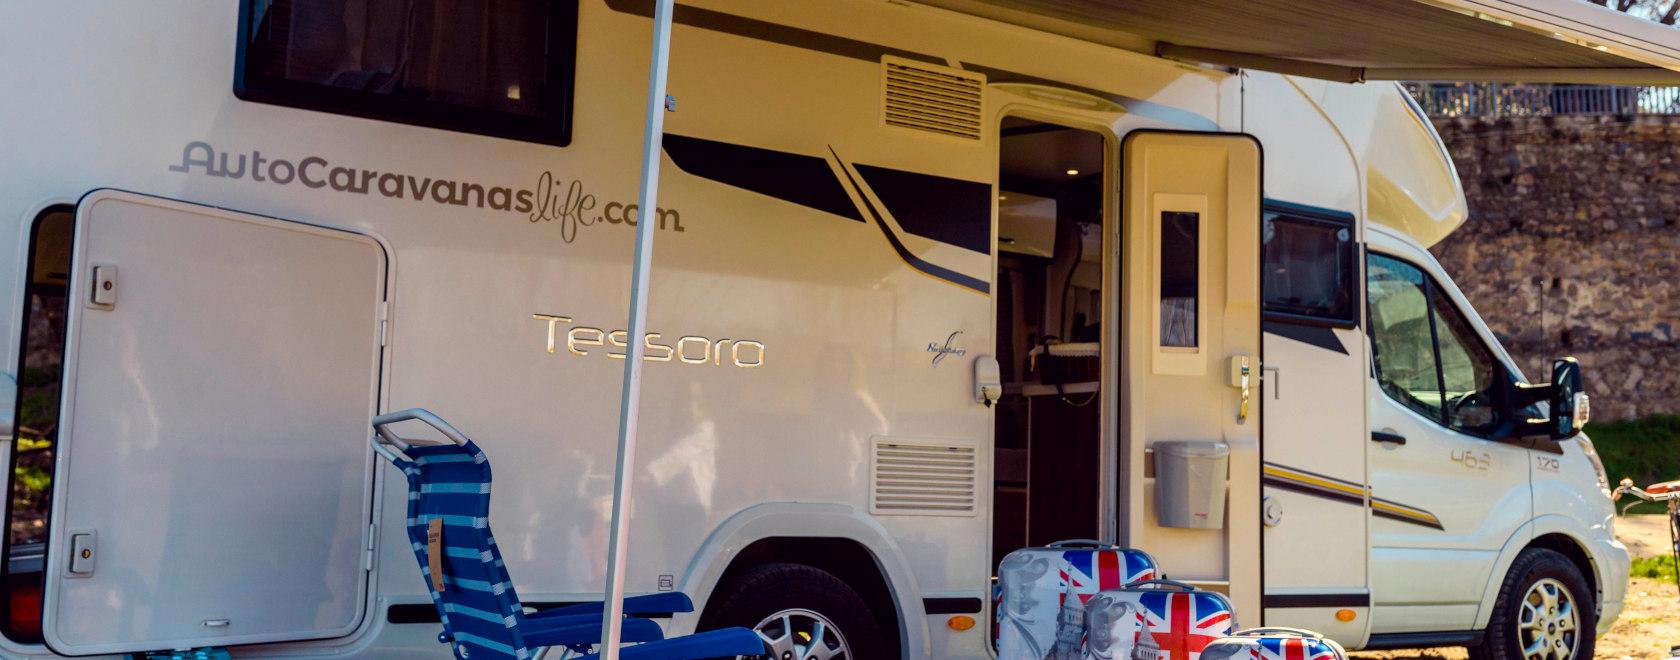 Alquiler de autocaravanas en Toledo